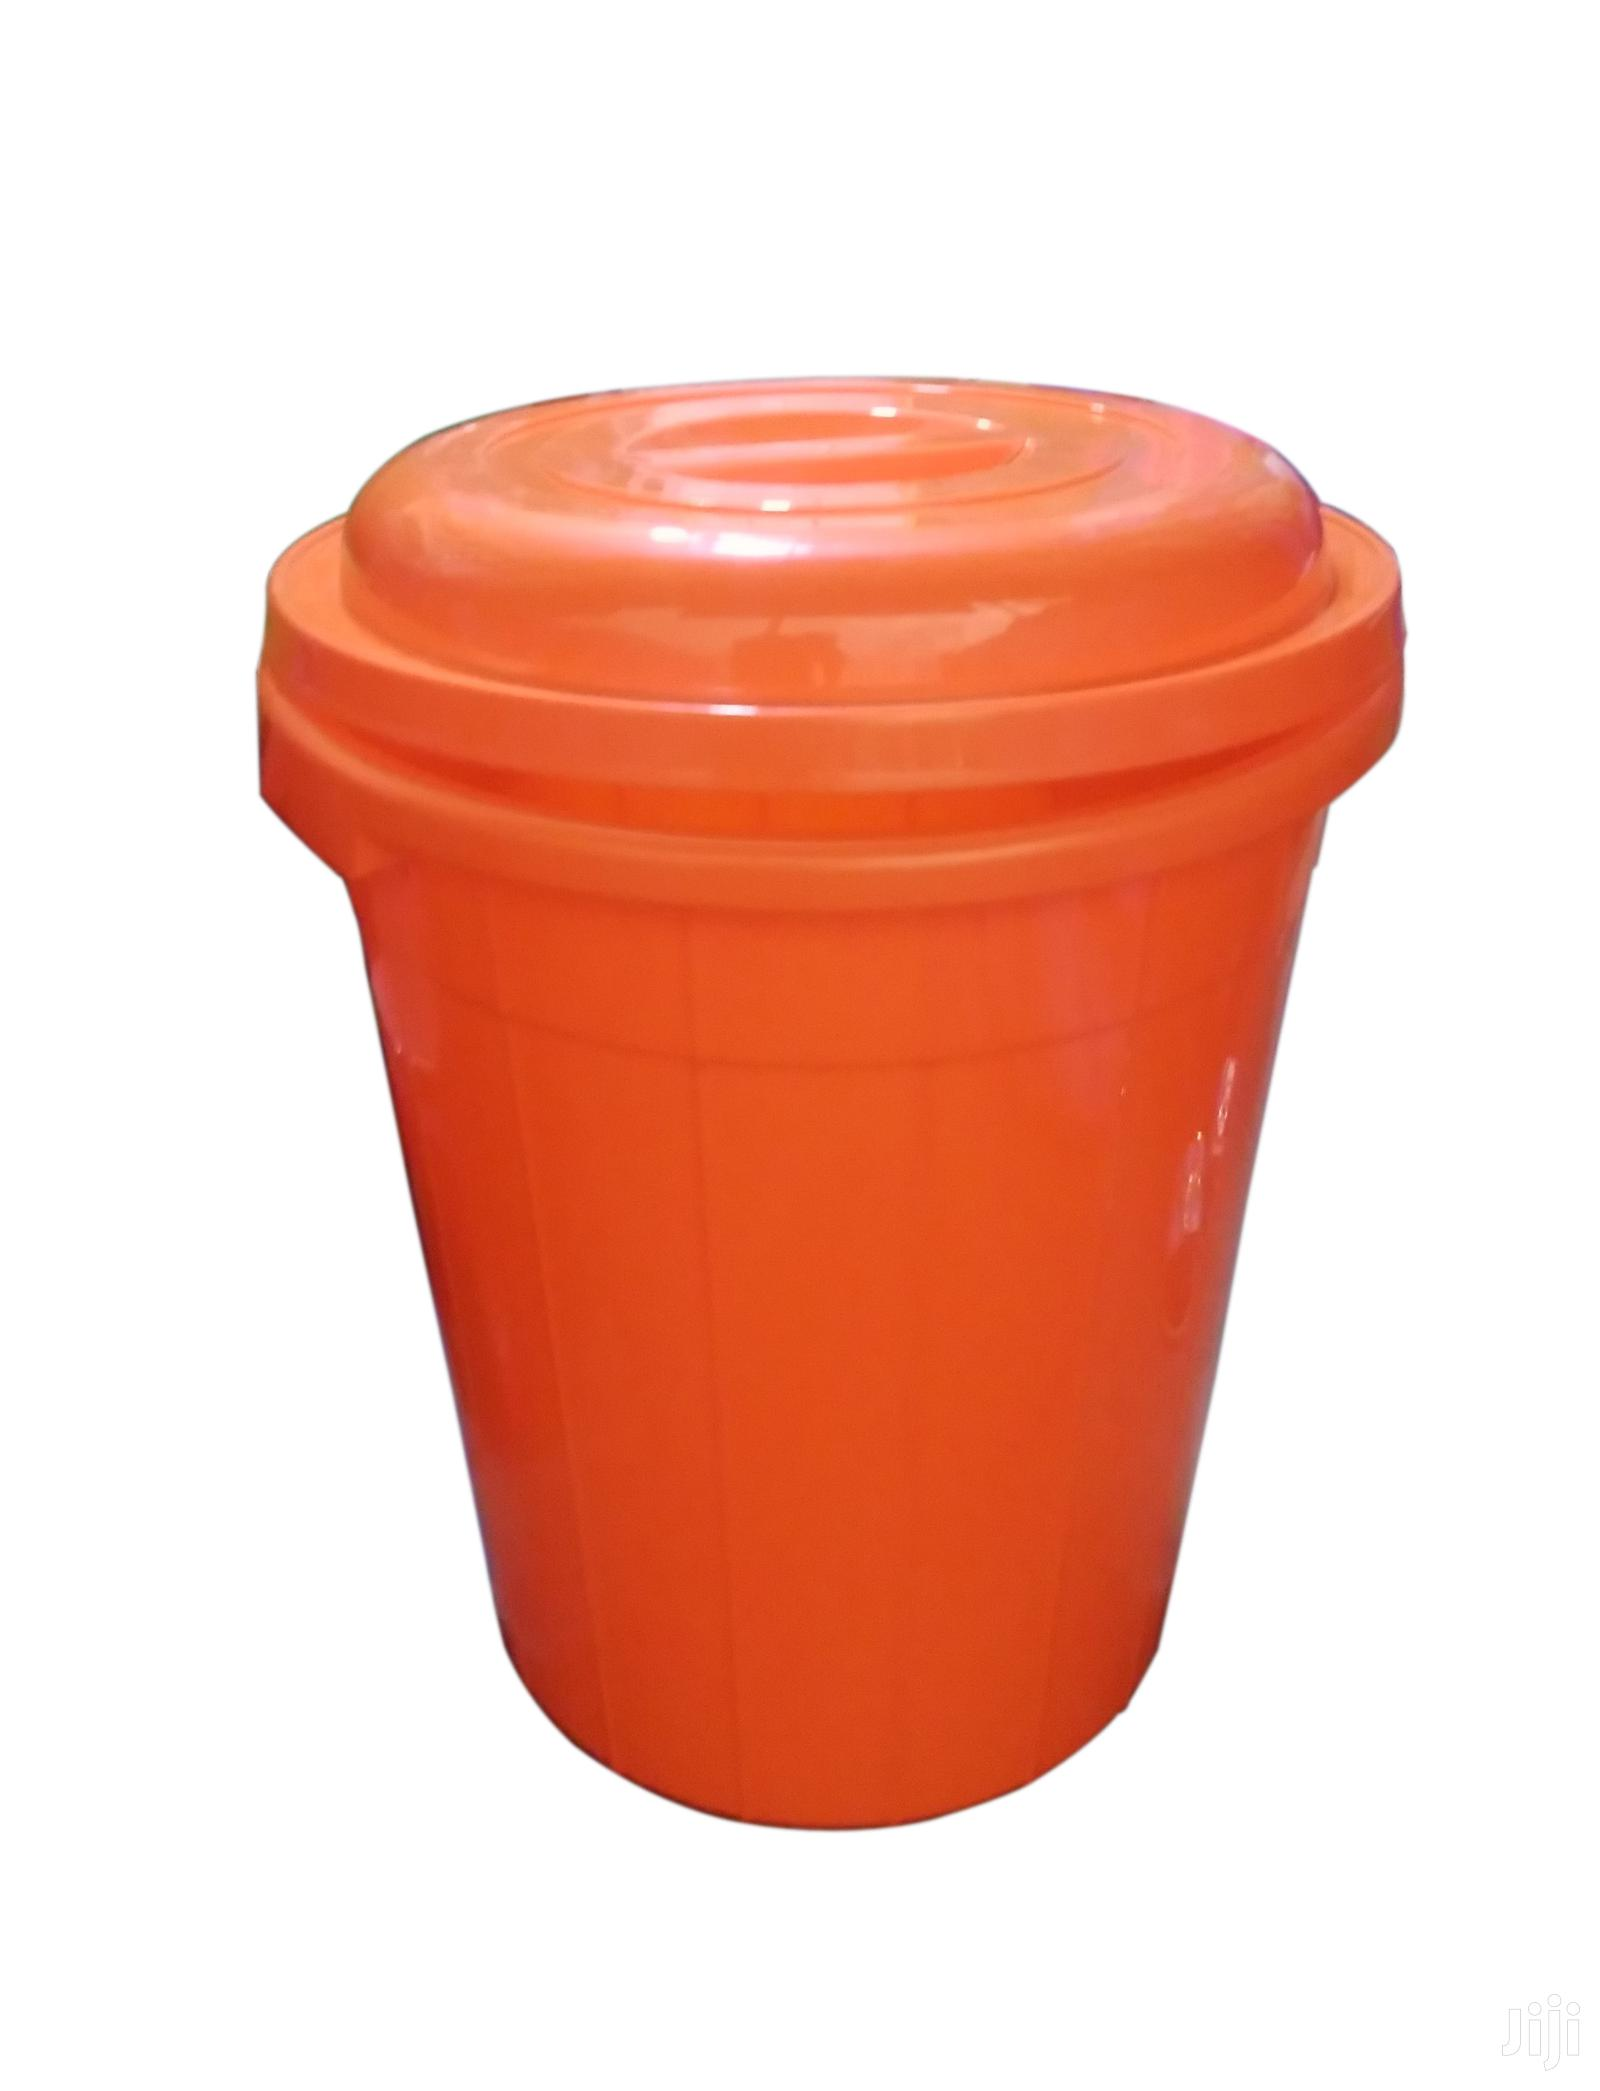 60litre Plastic Water Container Drum - Orange